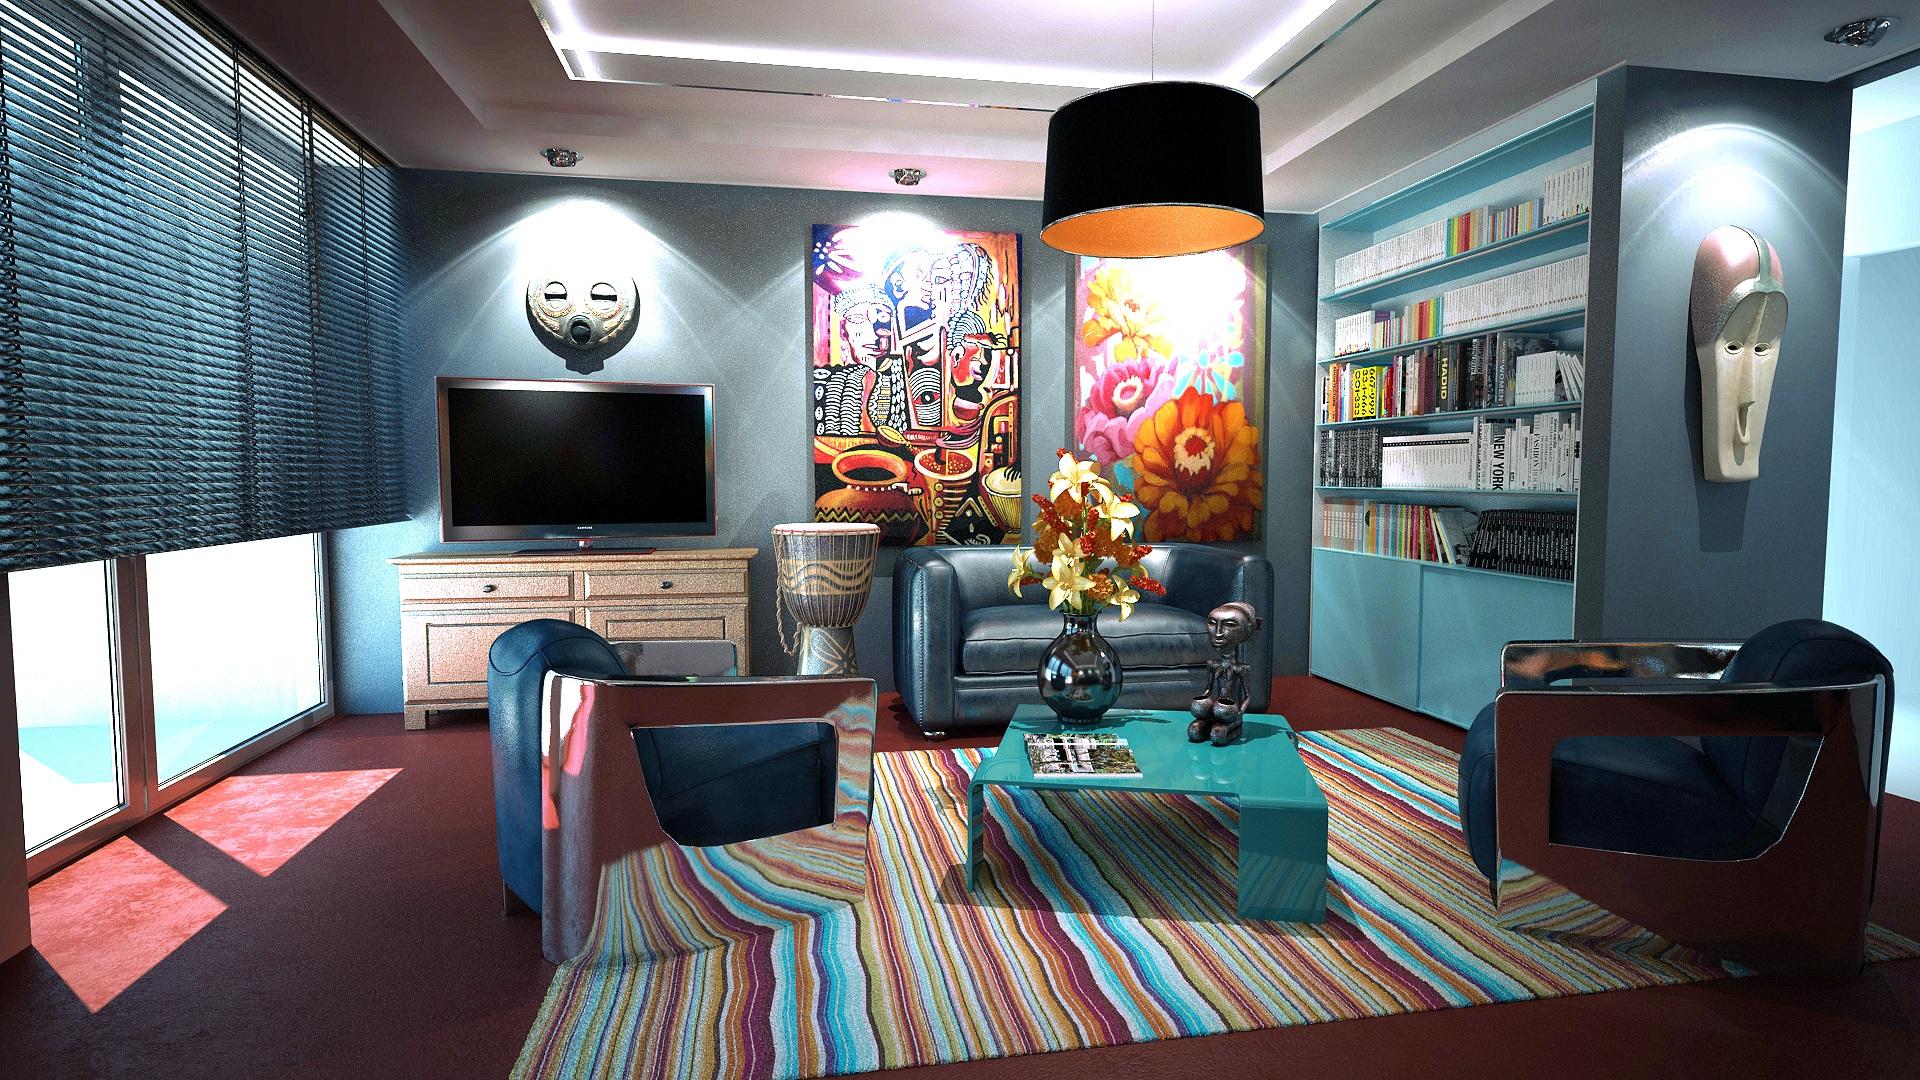 architecte d 39 int rieur marseille alain martin mobilier d coration architecture c t. Black Bedroom Furniture Sets. Home Design Ideas